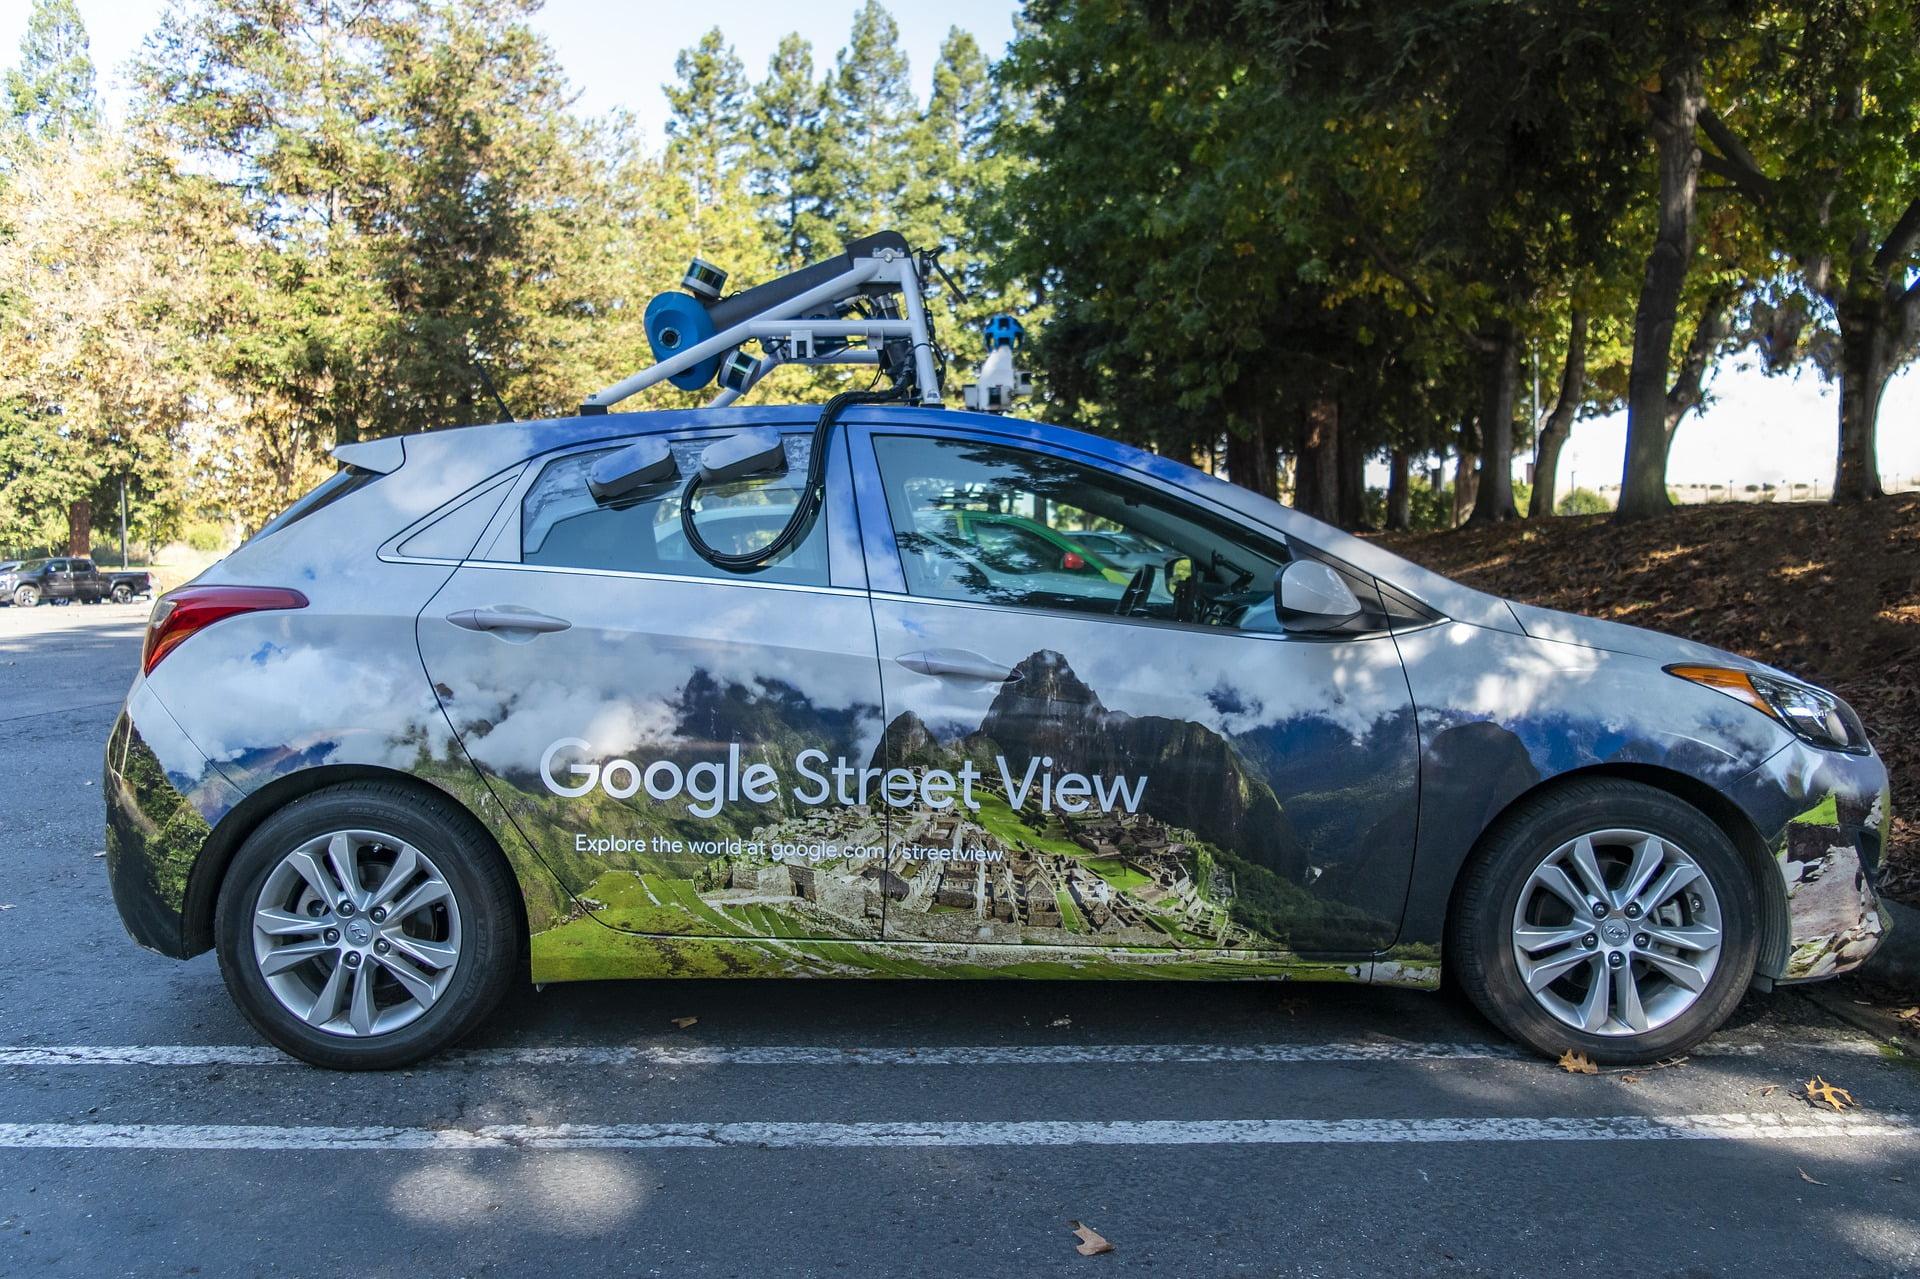 Maşinile Google Street View se întorc la Roman în acest an